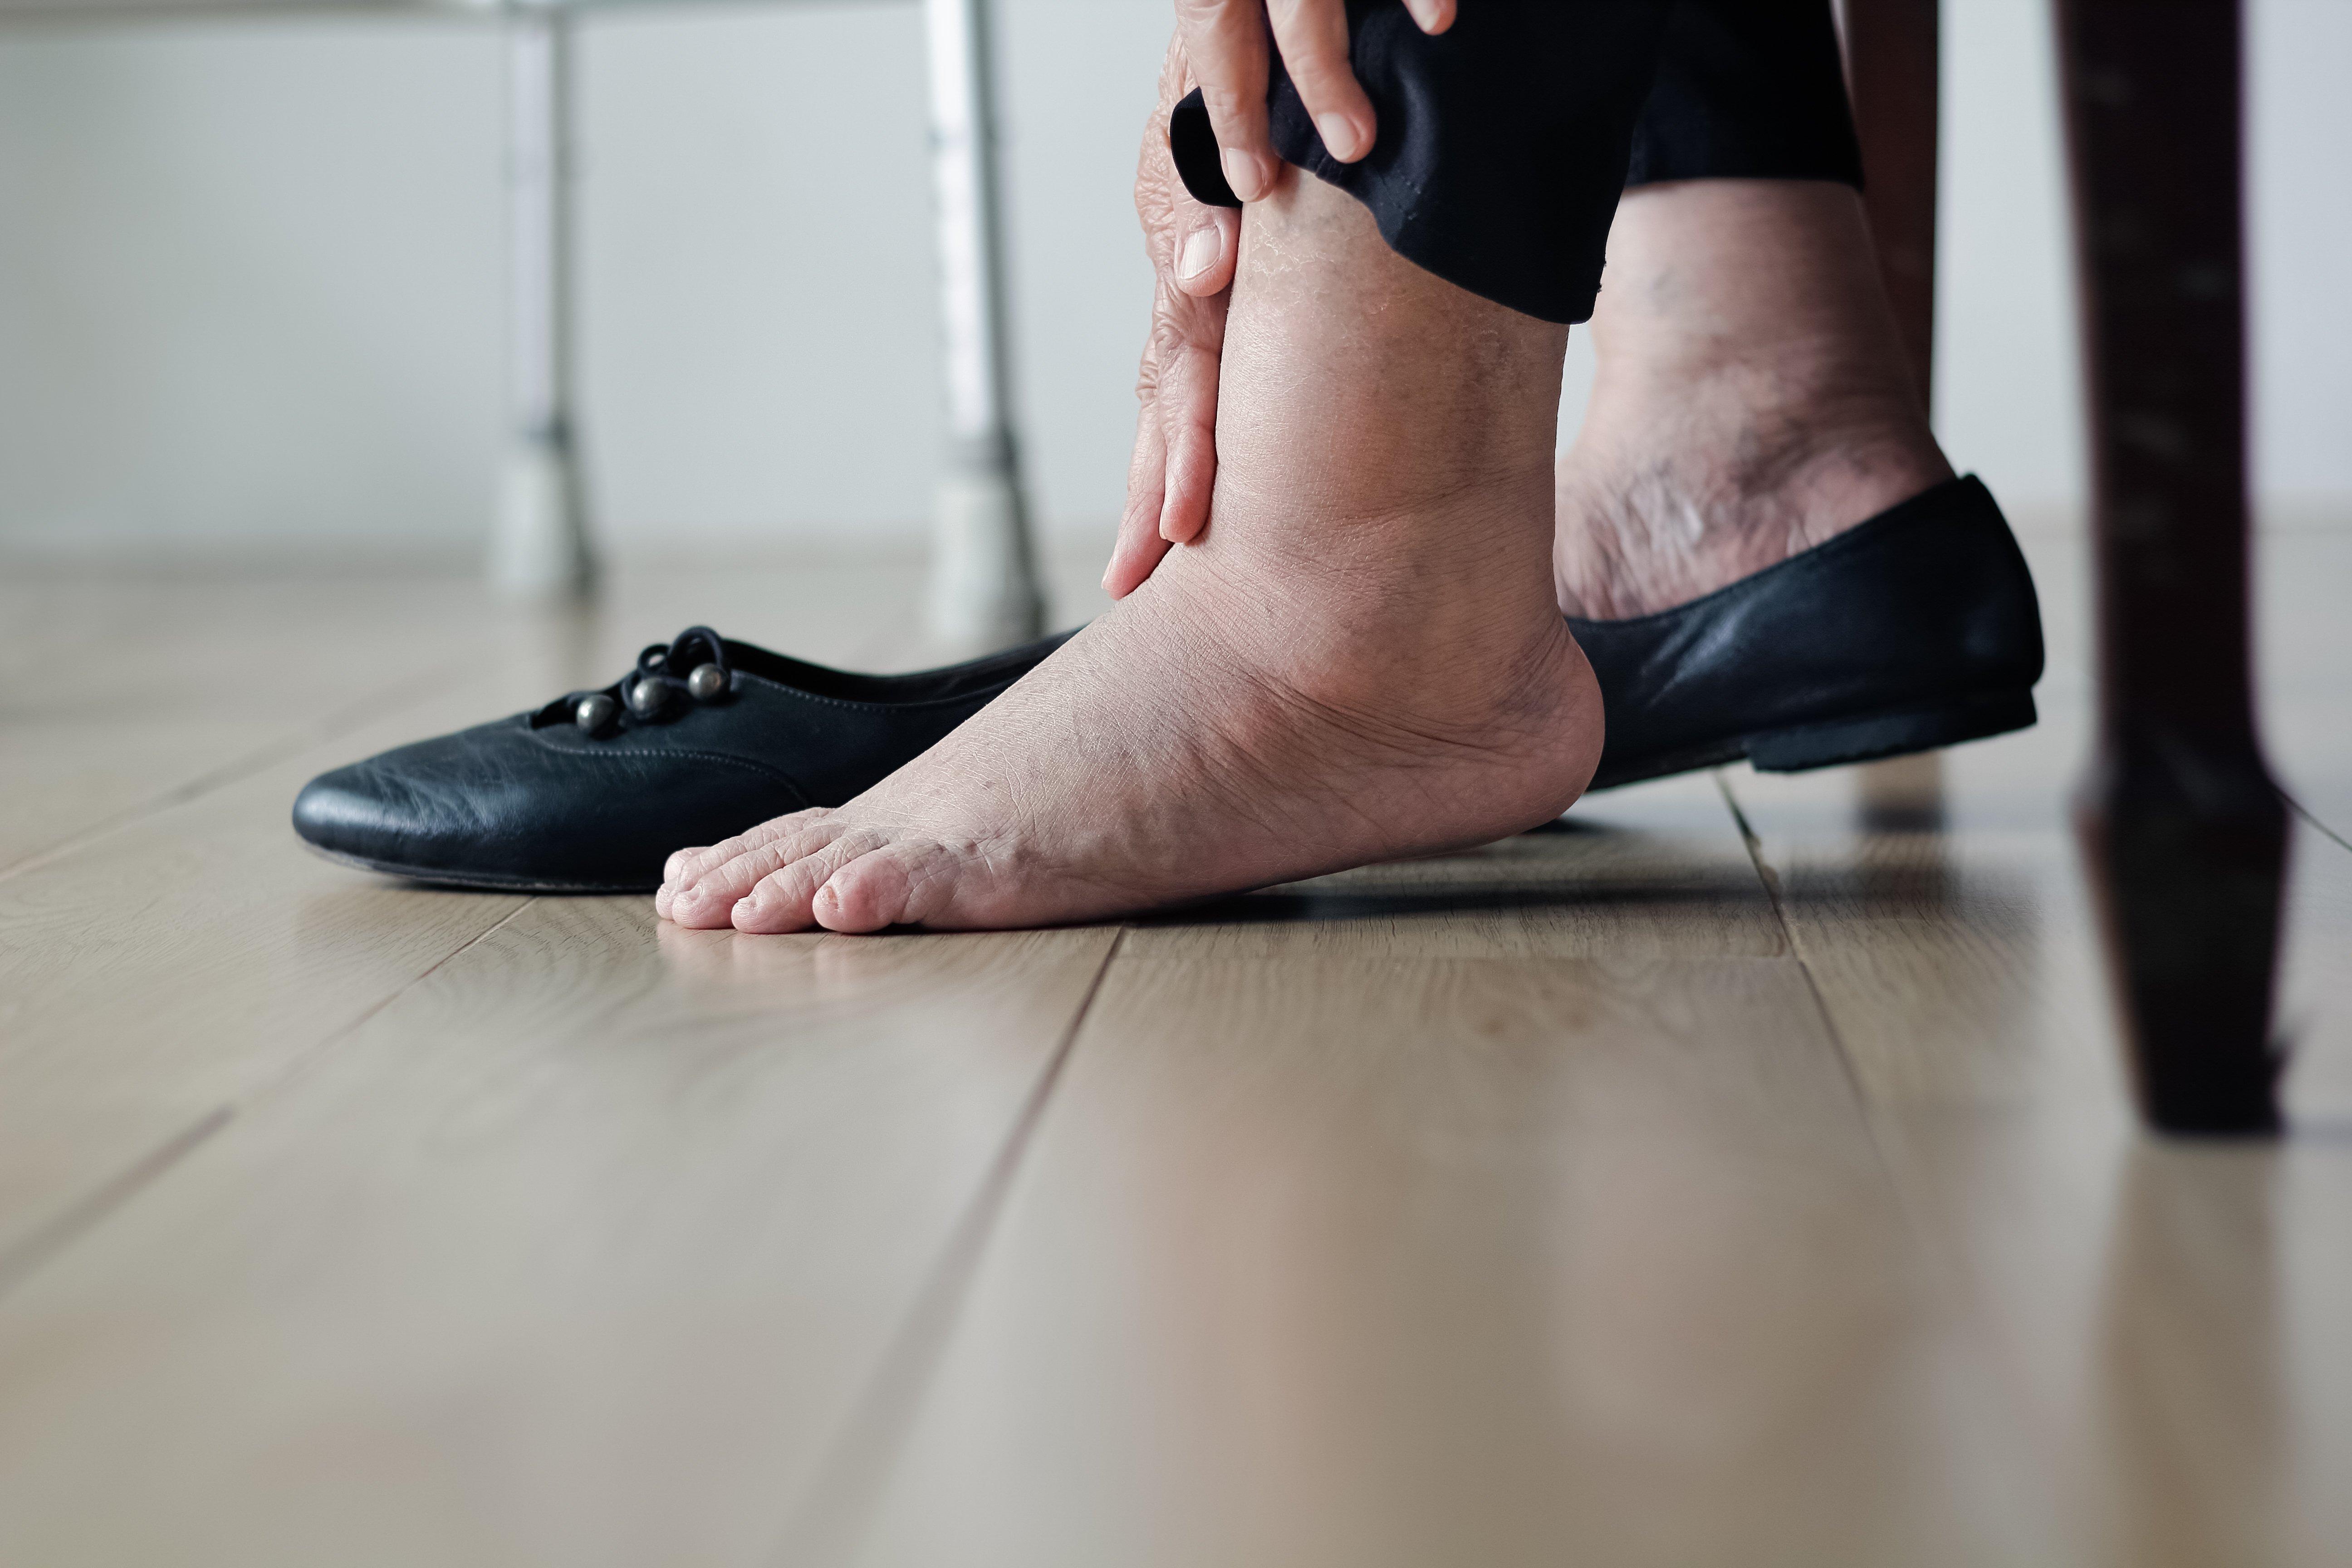 Une femme aux chevilles gonflées | Photo : Shutterstock